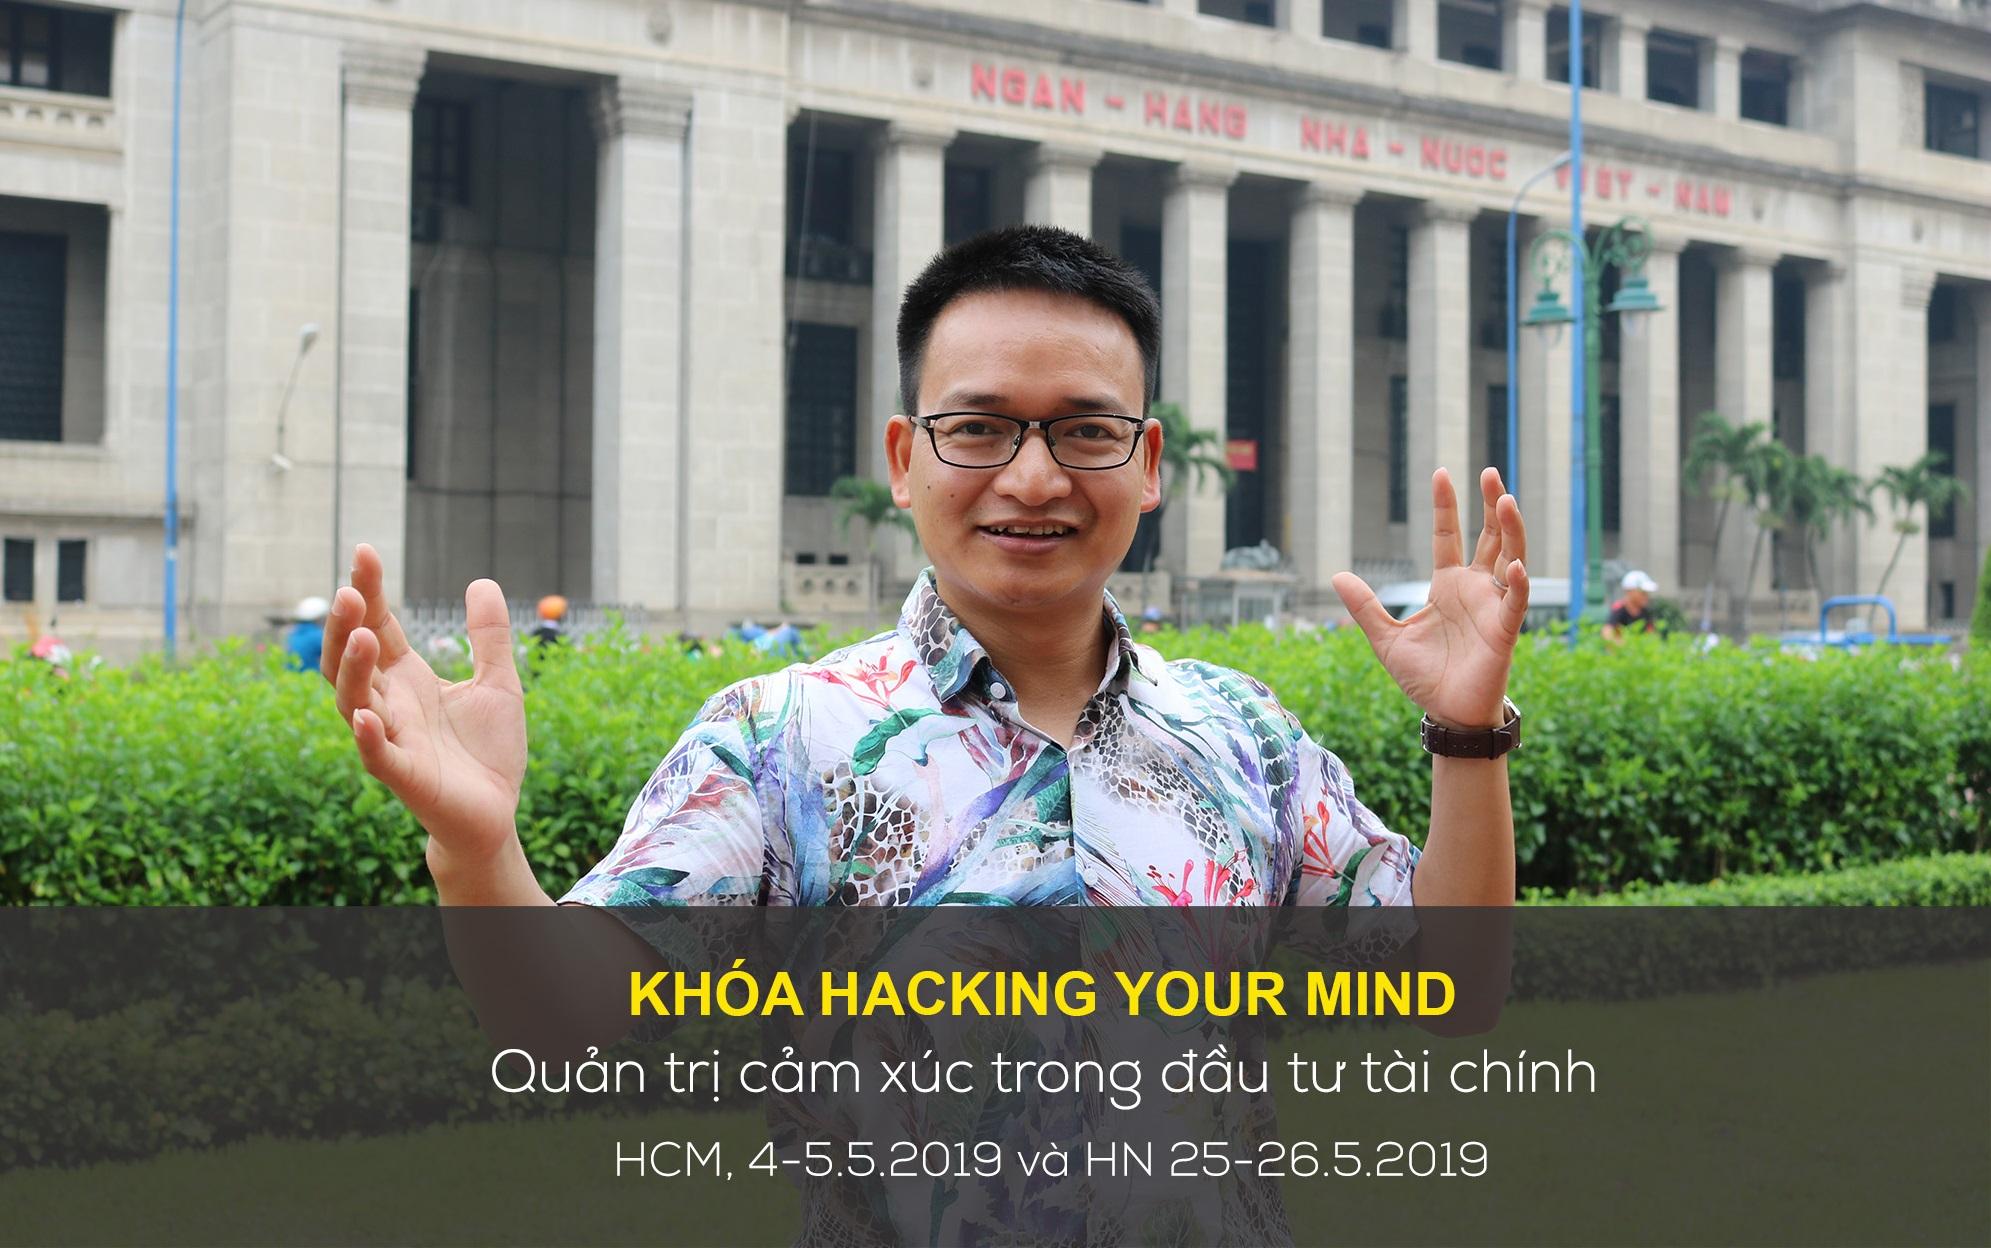 Hacking-your-mind-Quản-trị-cảm-xúc-trong-đầu-tư-tài-chính-Phạm-Thành-Biên-1